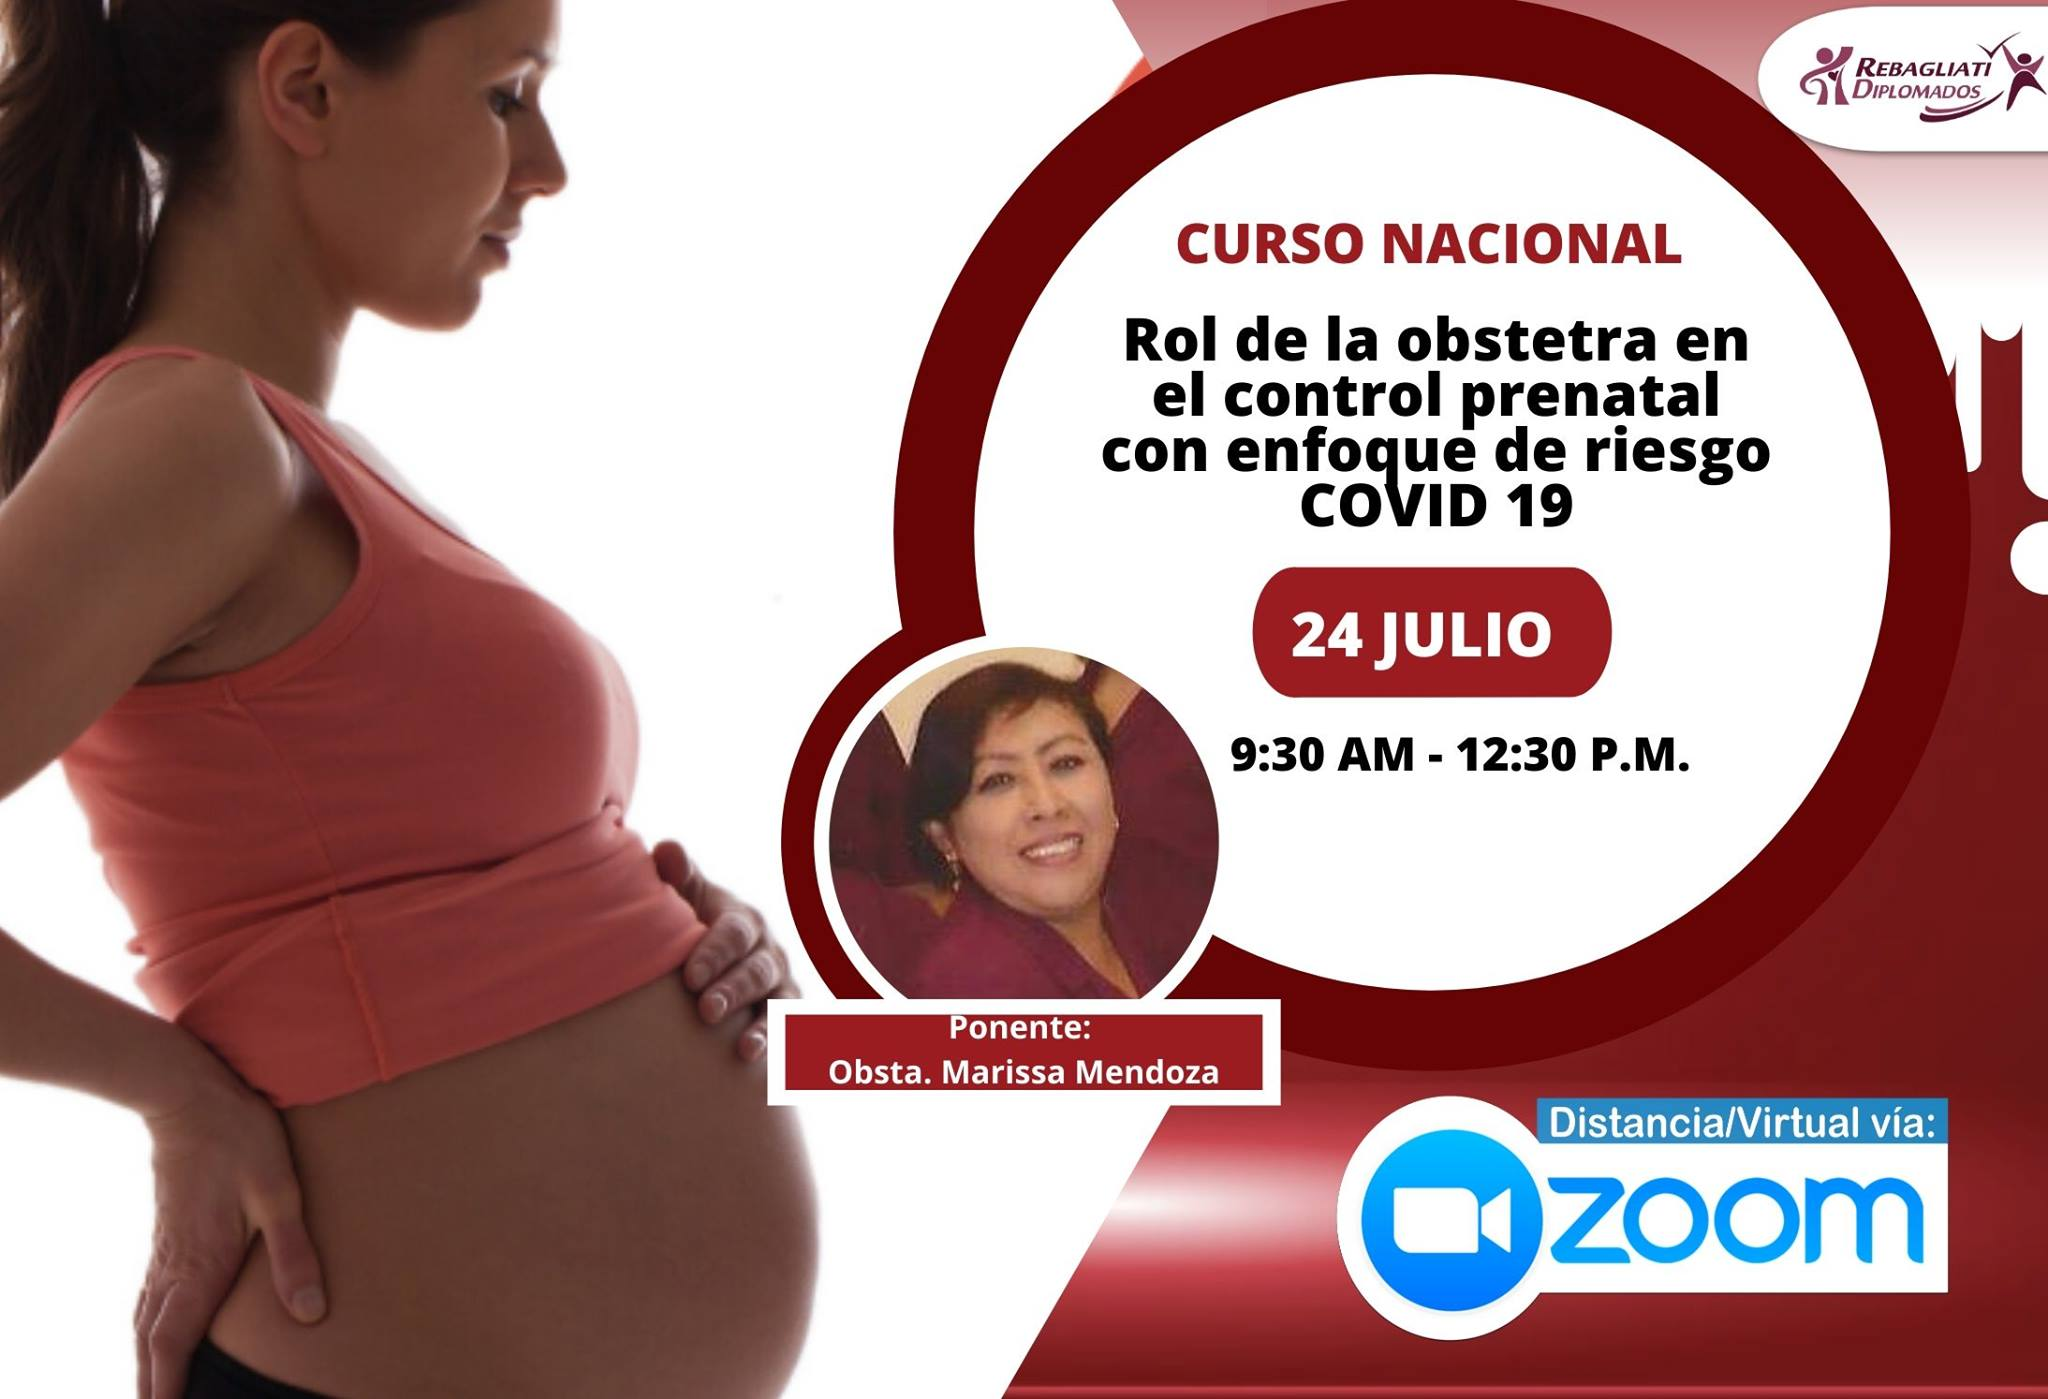 CURSO NACIONAL ROL DE LA OBSTETRA EN EL CONTROL PRENATAL CON ENFOQUE DE RIESGO COVID 19